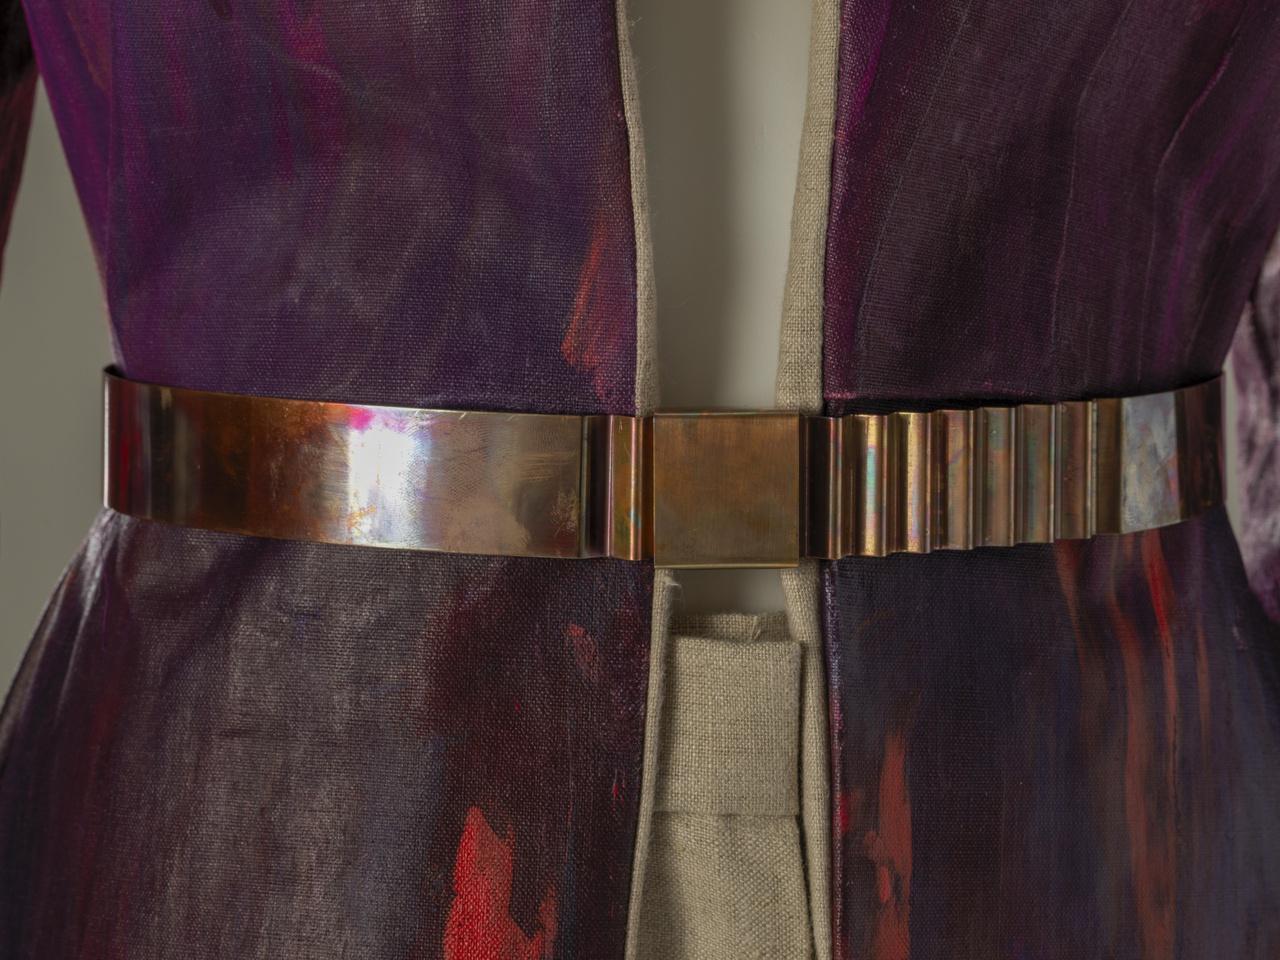 ceintuur behorende bij Painting Robe-Manteau uit de collectie Complementair